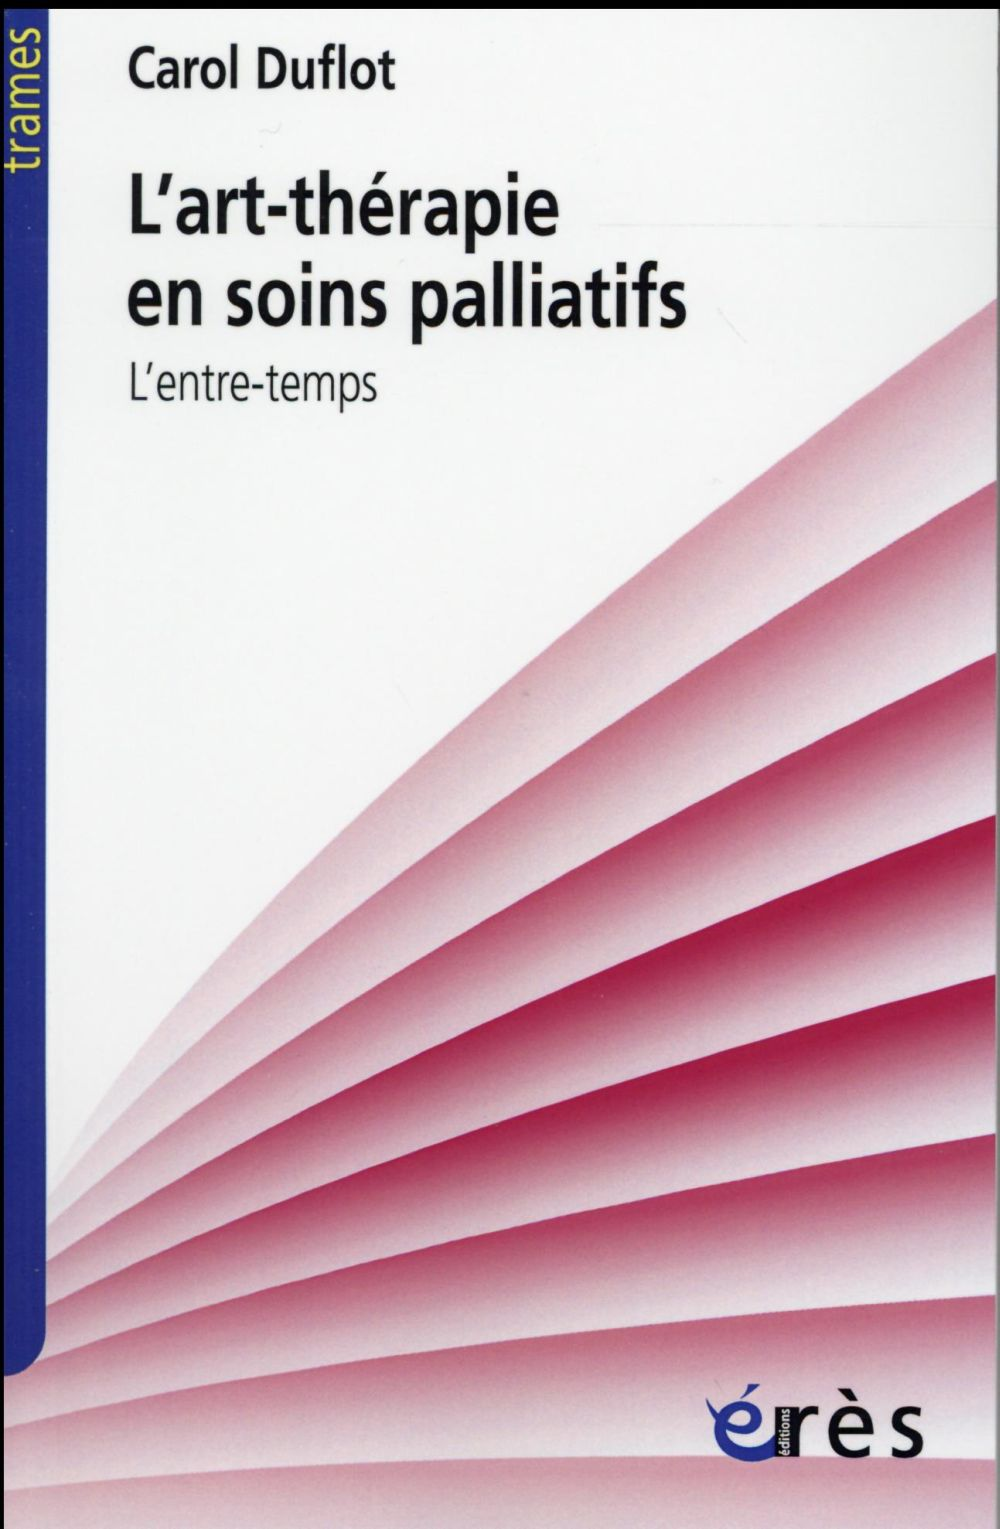 L'art-thérapie en soins palliatifs